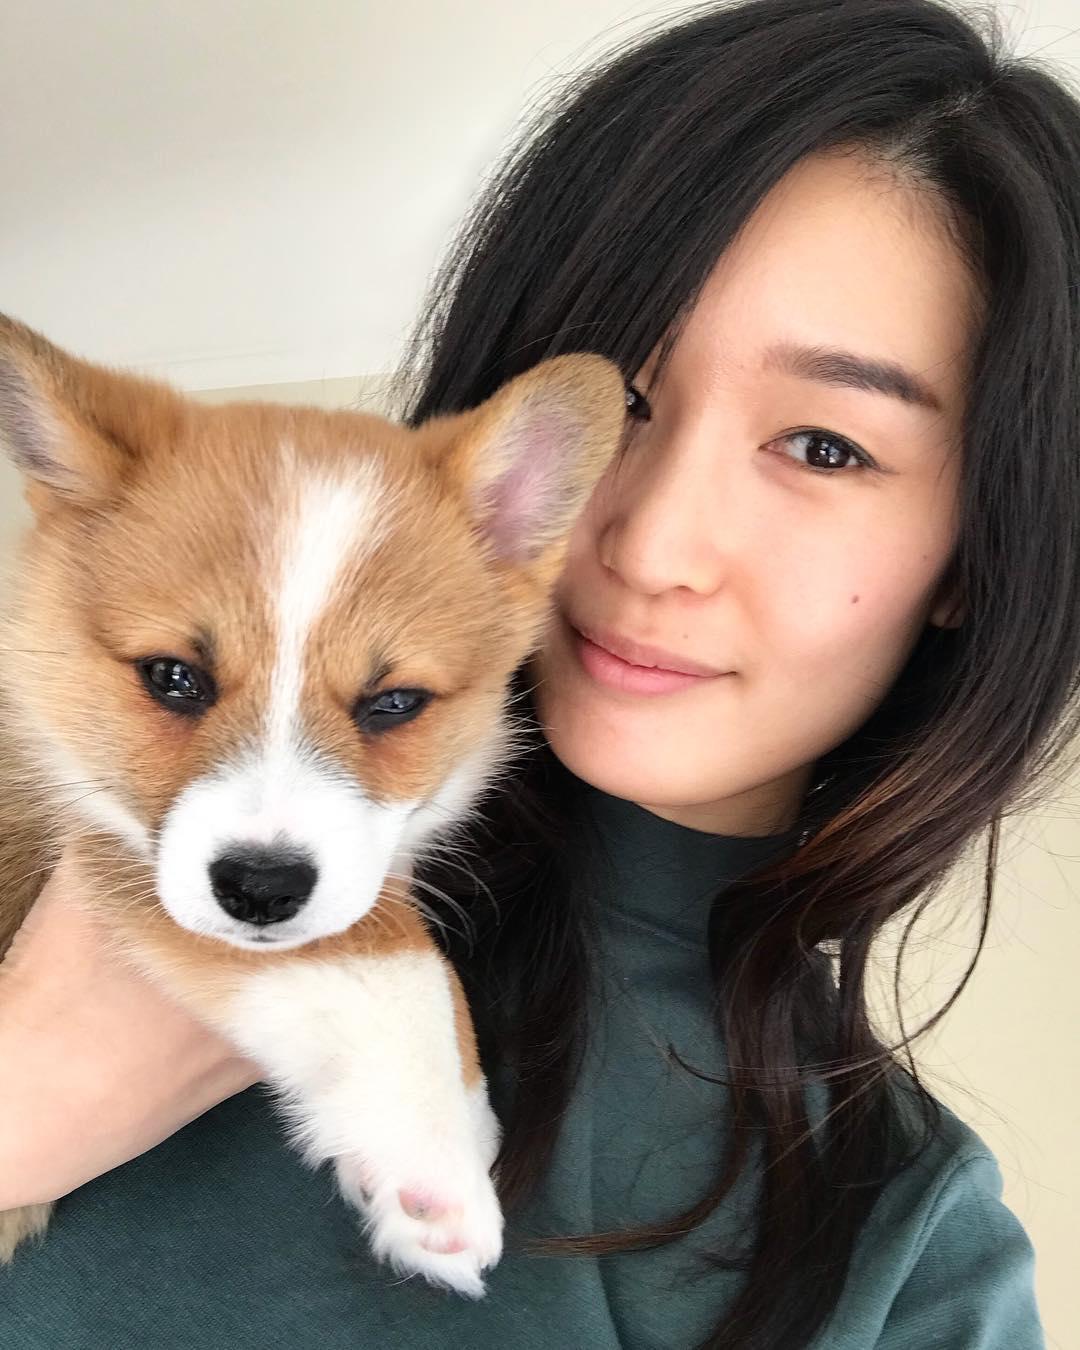 シャーロット・チョーと愛犬